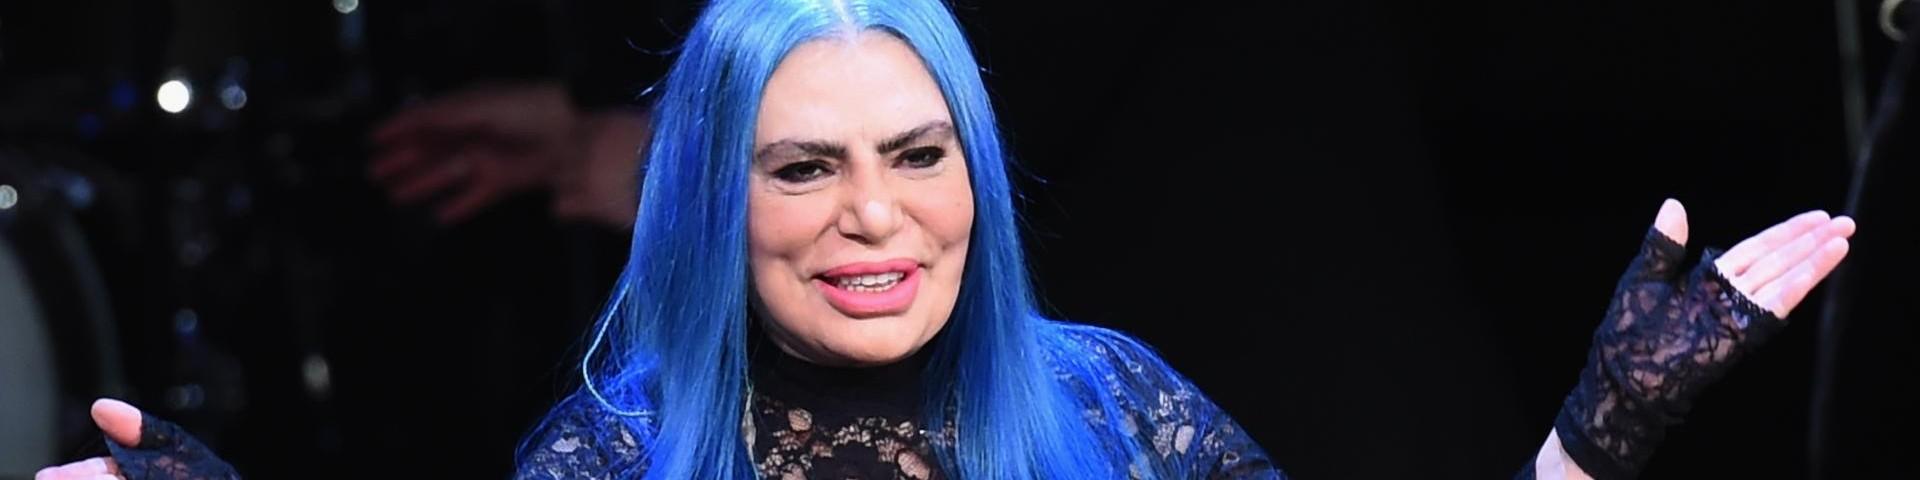 """Loredana Bertè: """"Jefeo è una zavorra"""". Cambia il regolamento ad Amici?"""